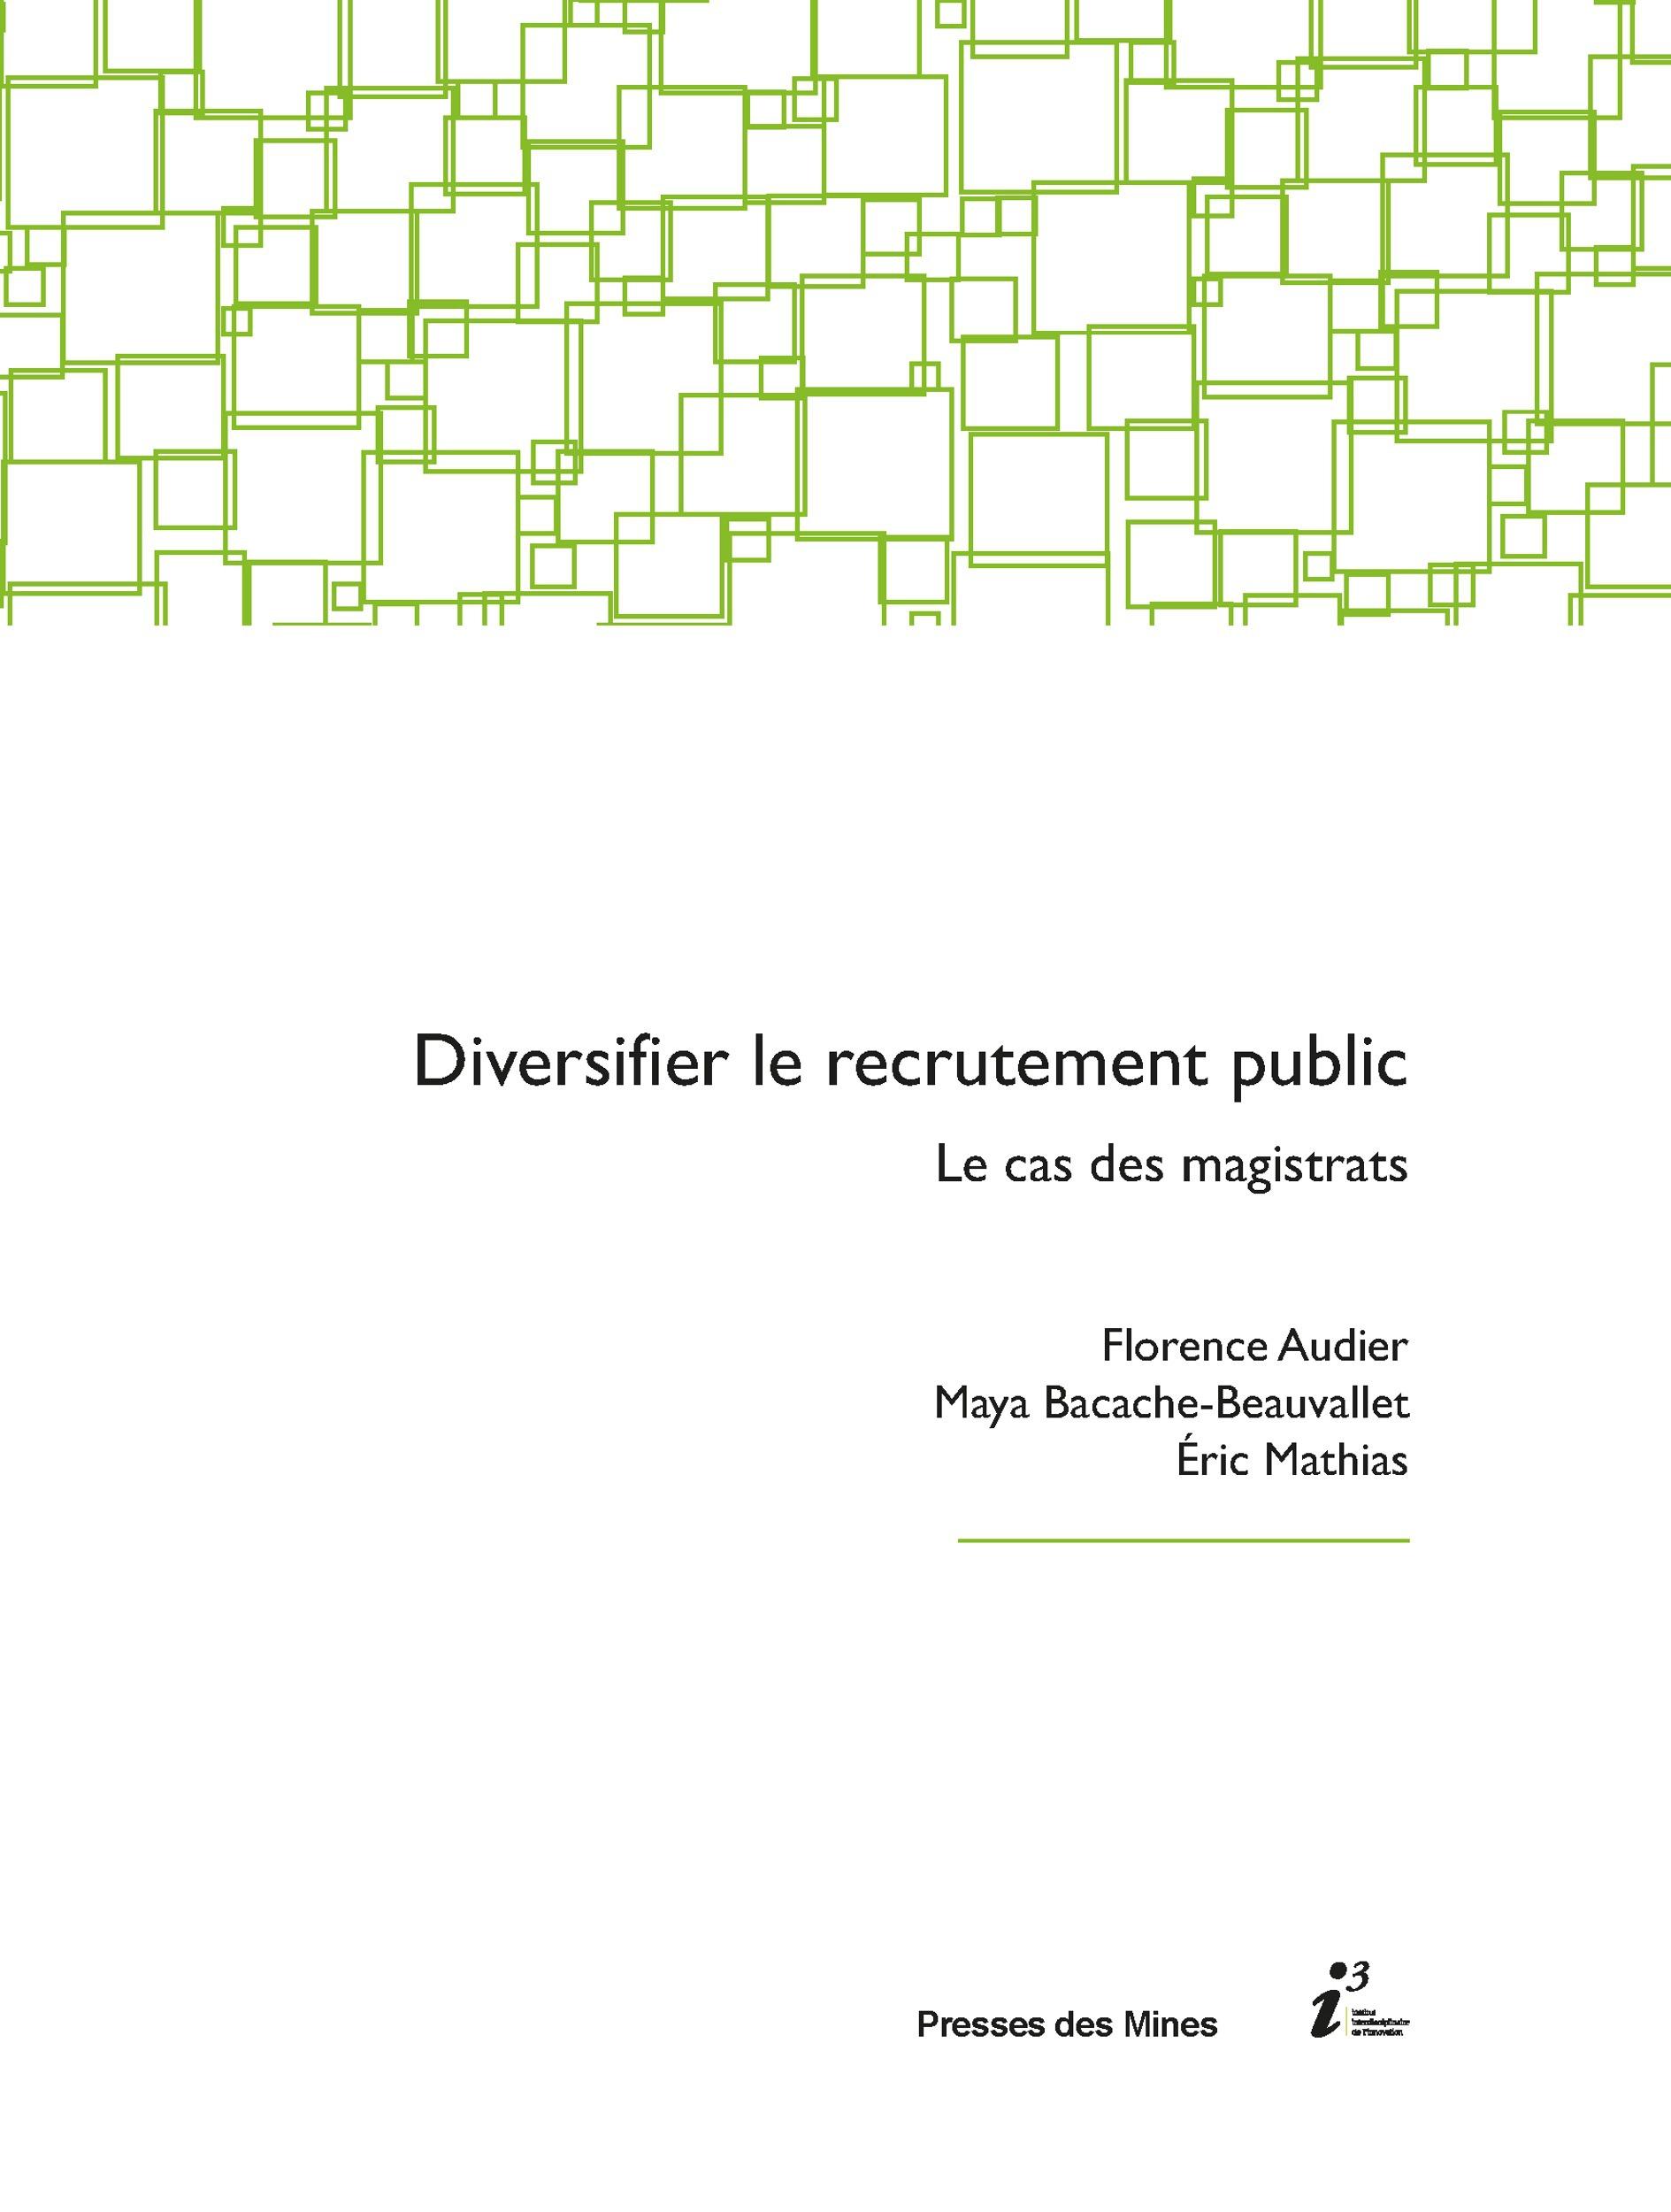 Diversifier le recrutement public; le cas des magistrats